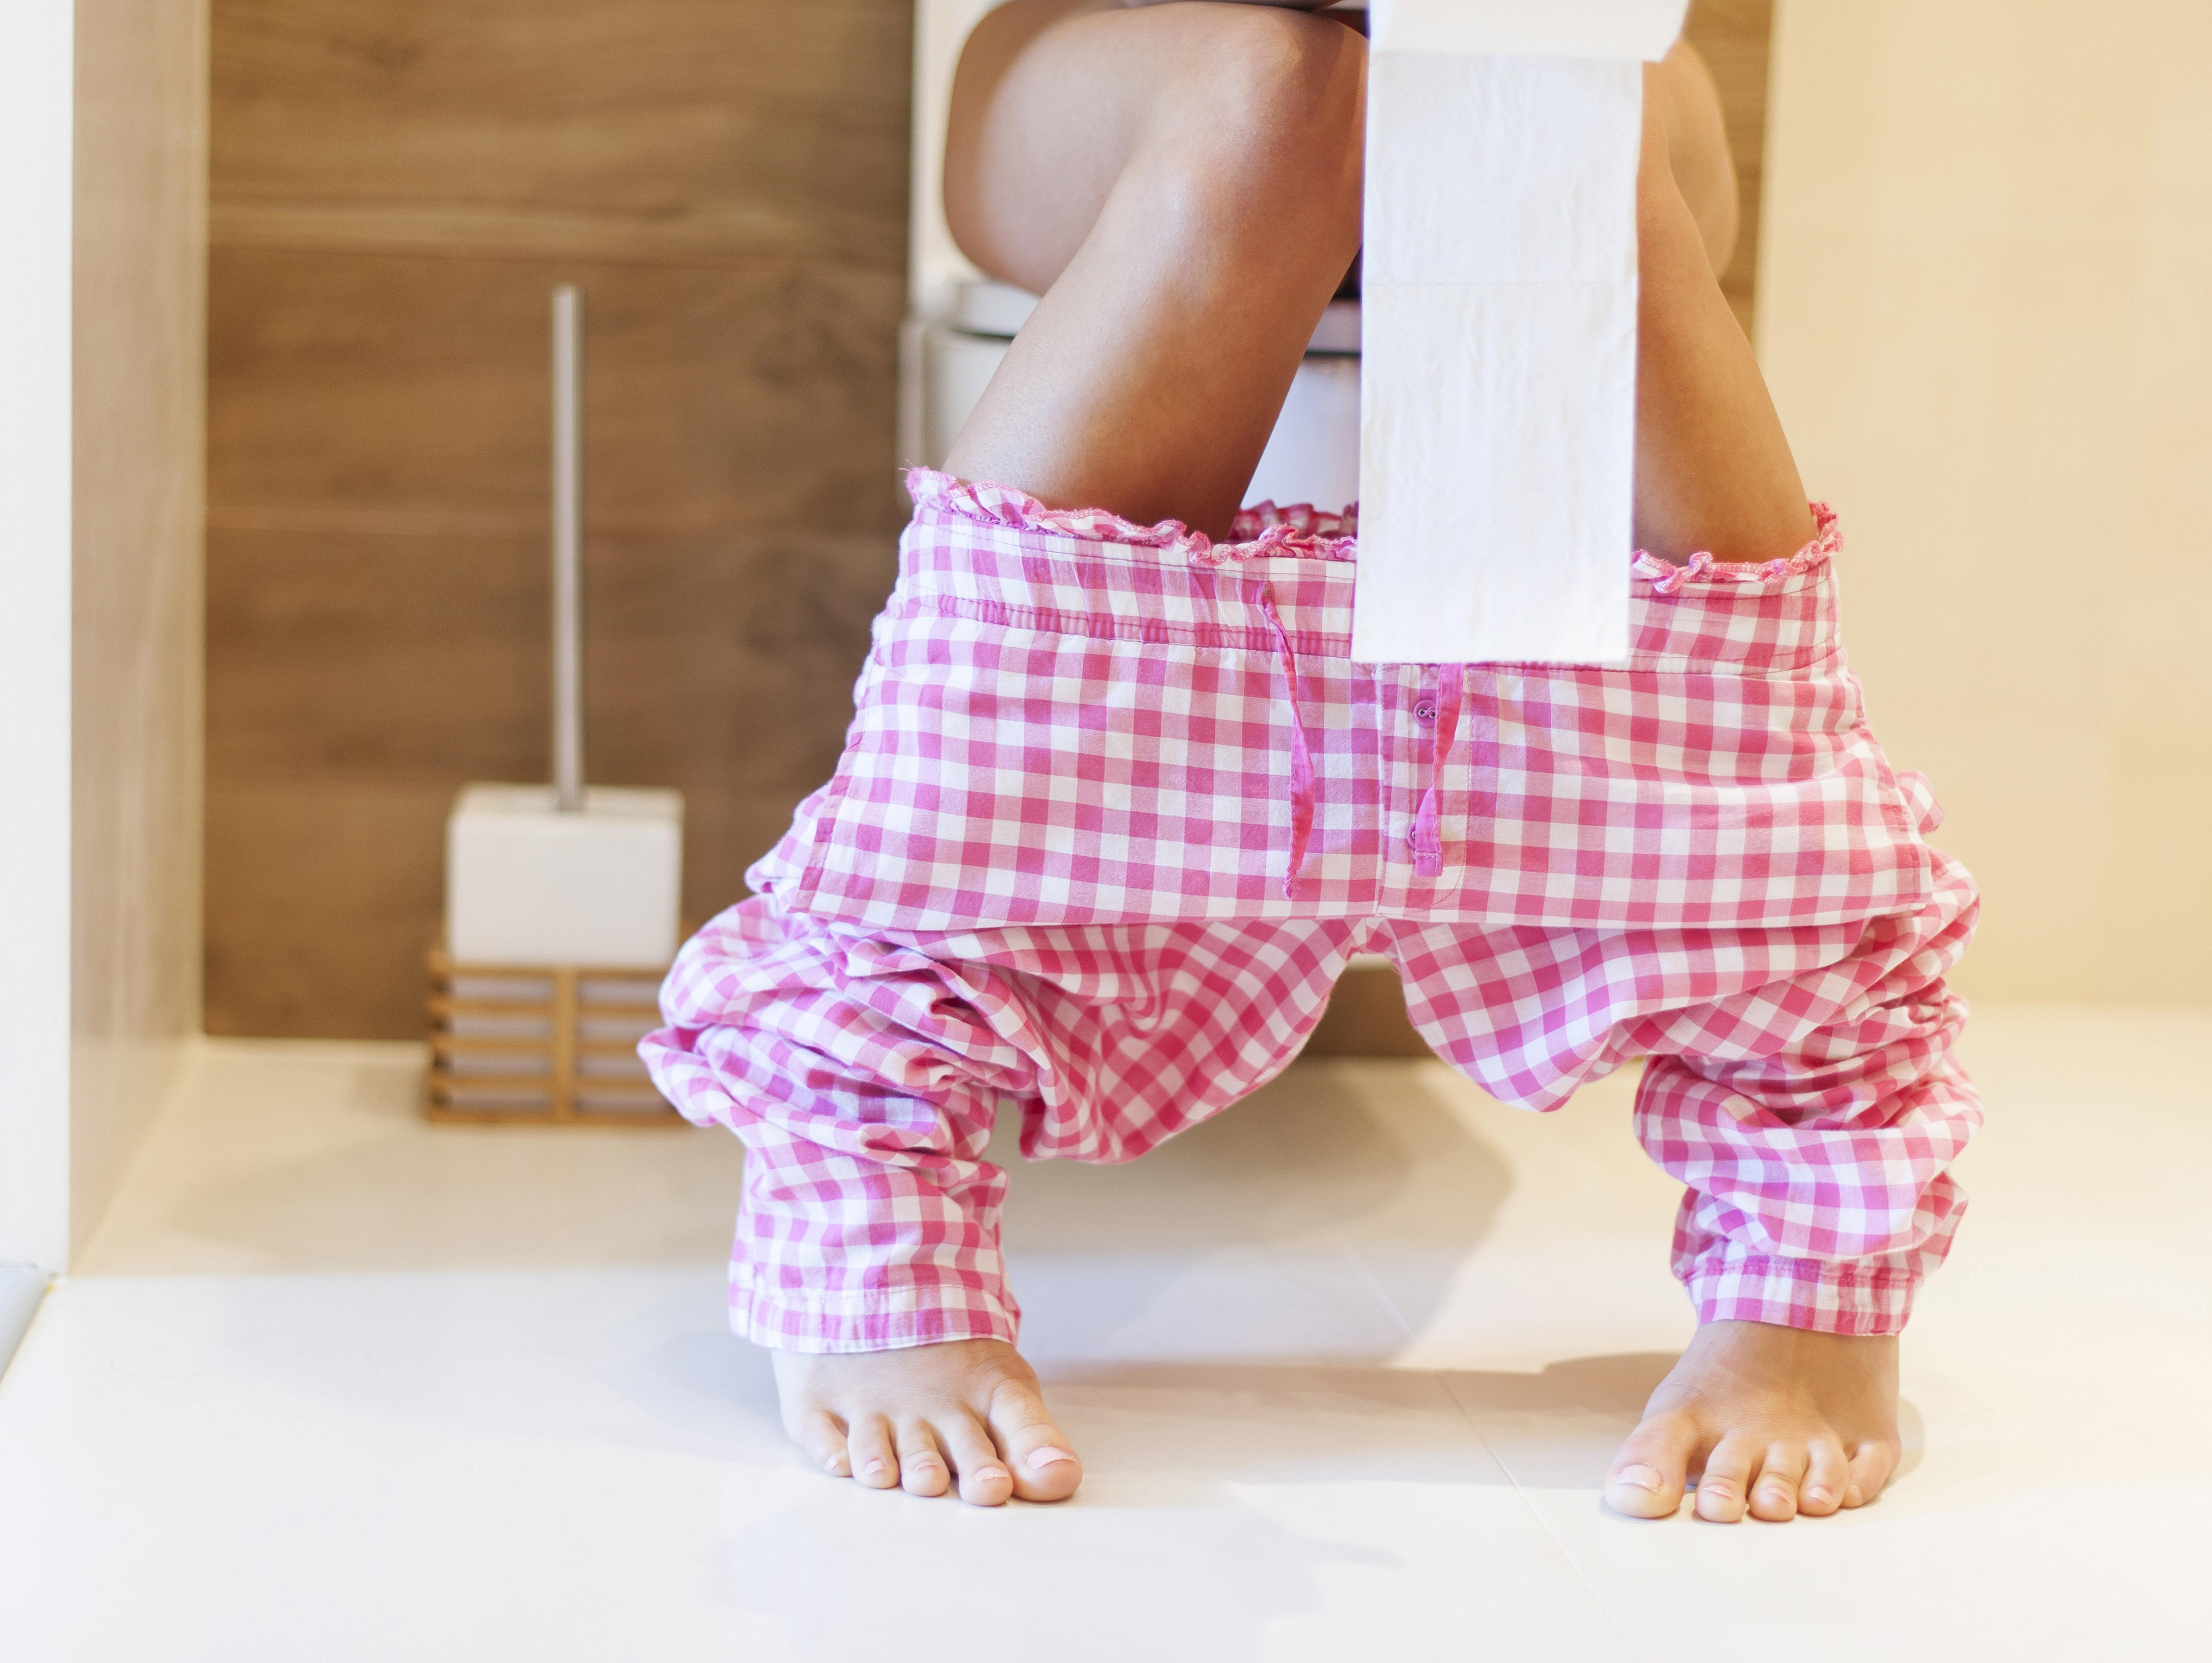 הטעות הנפוצה והחמורה שאתם עושים בשירותים מסכנת את בריאותכם